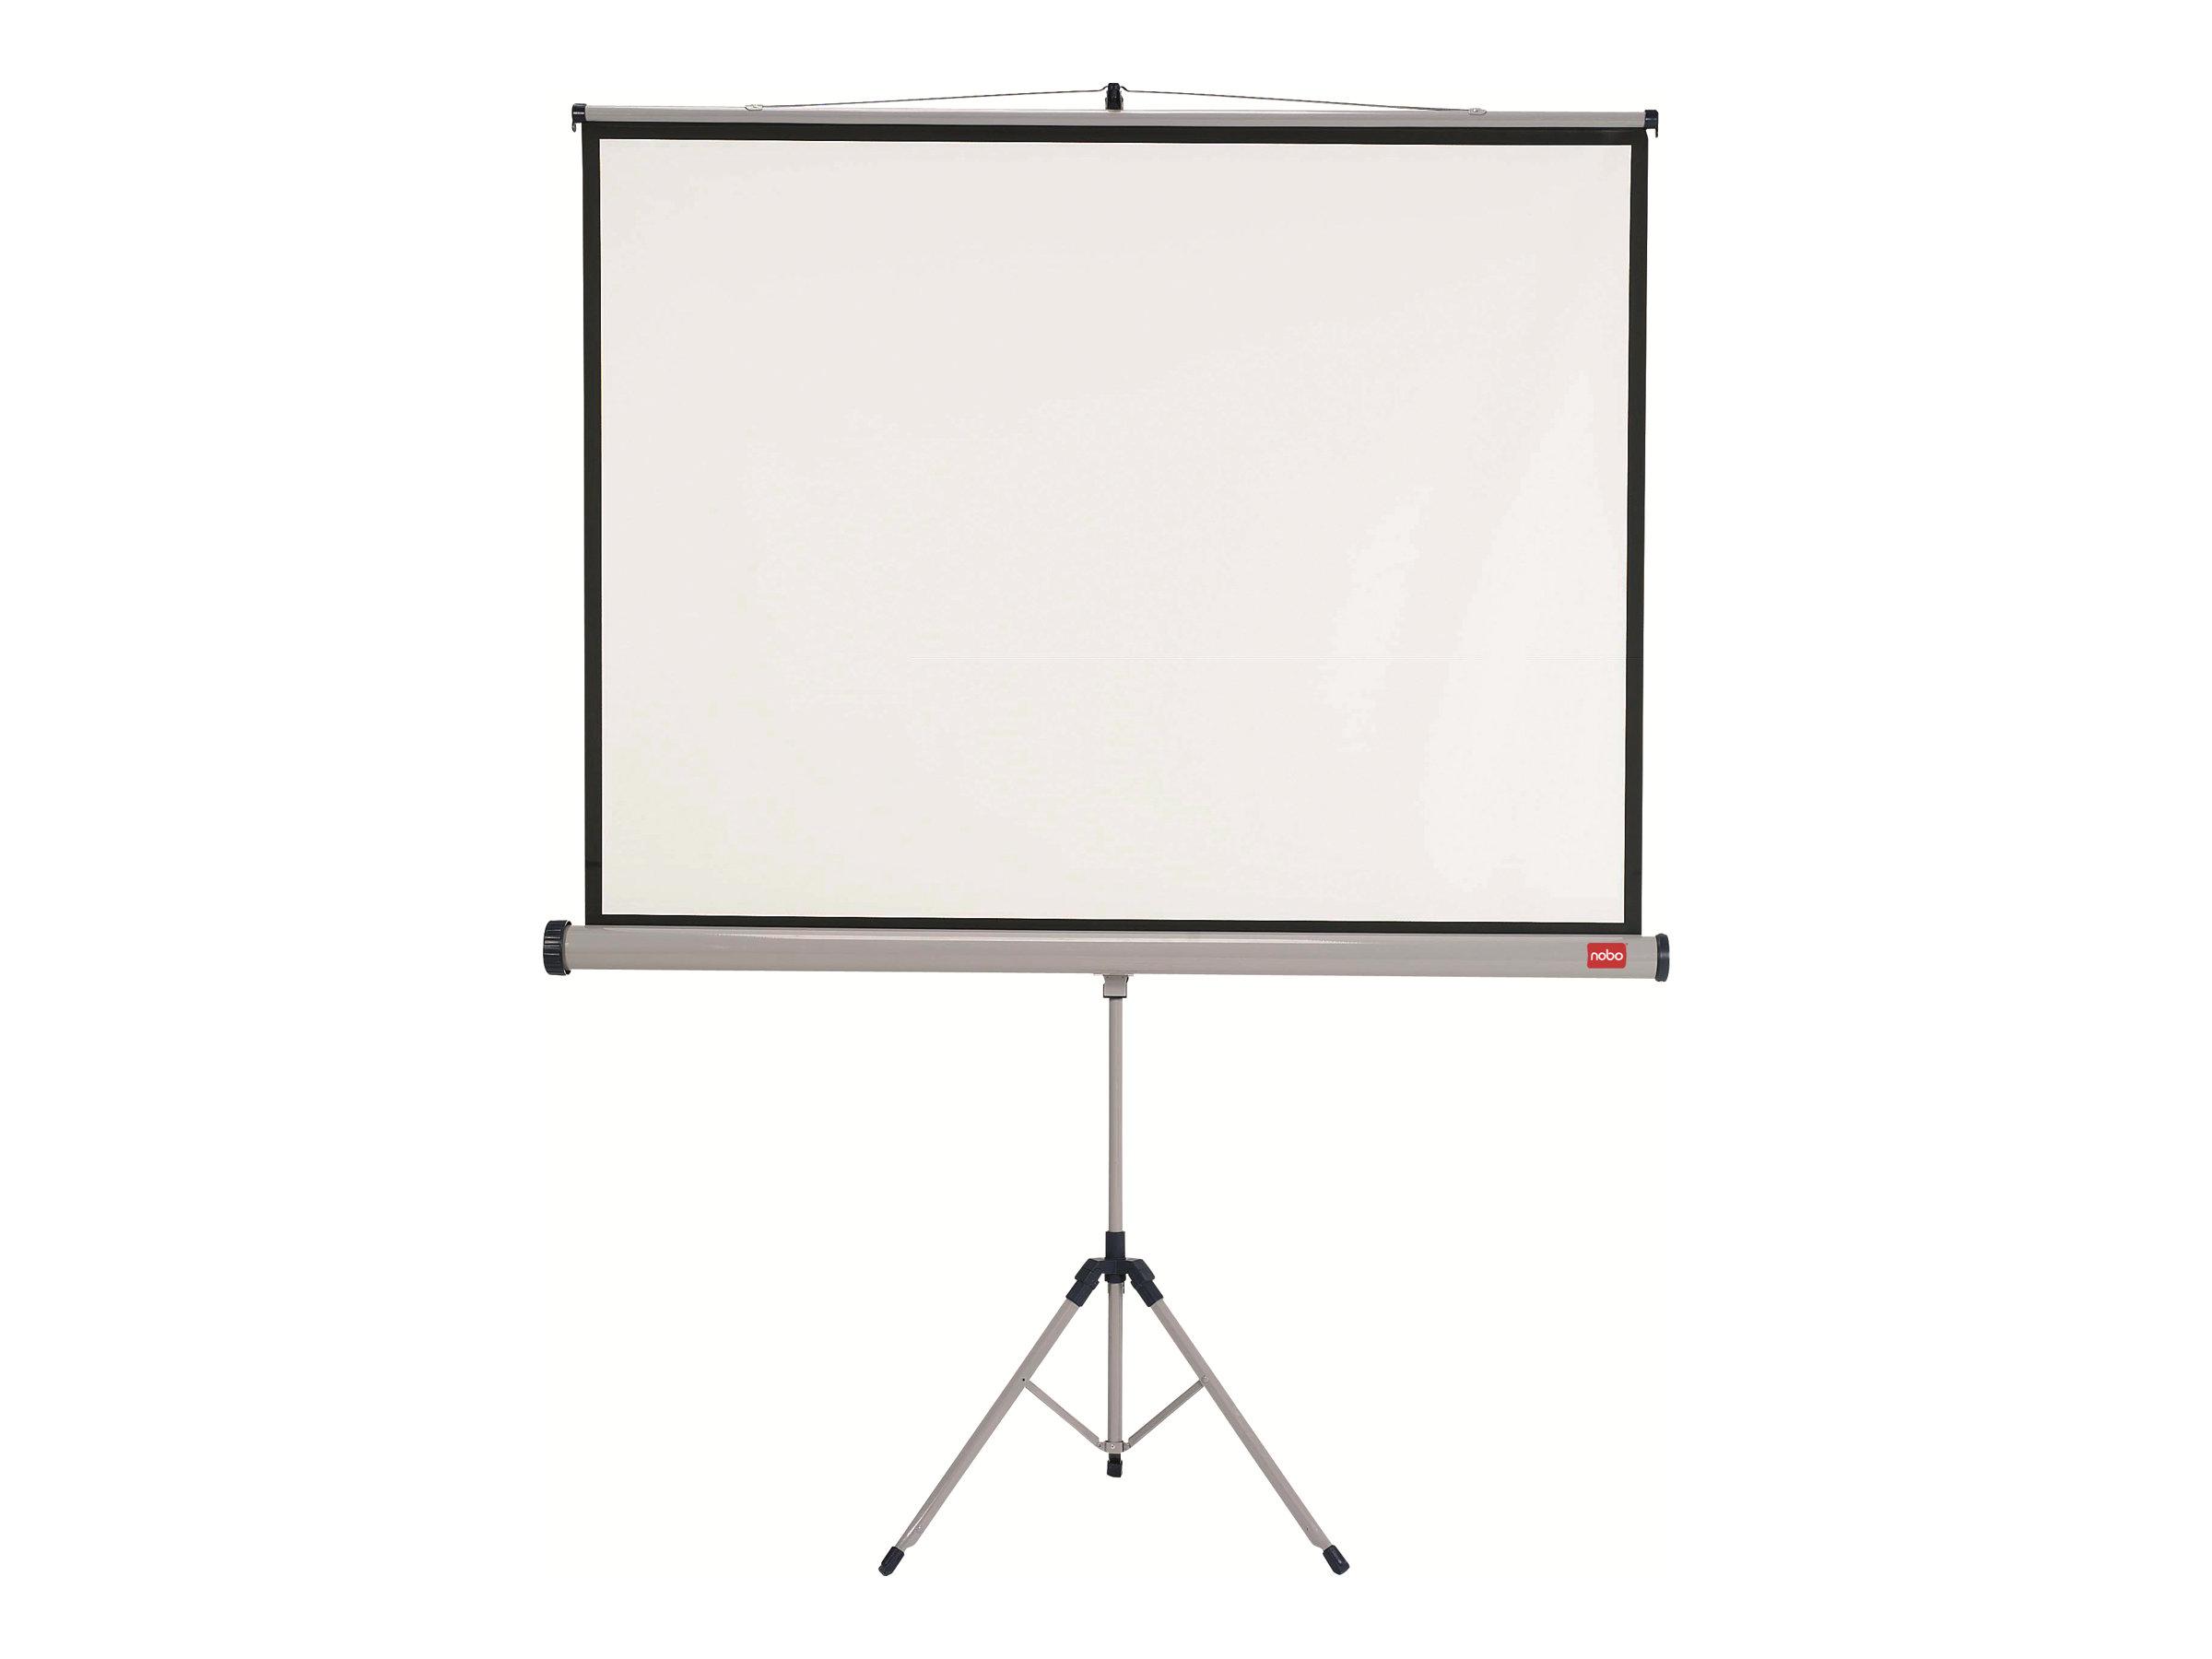 écran de projection avec trépied